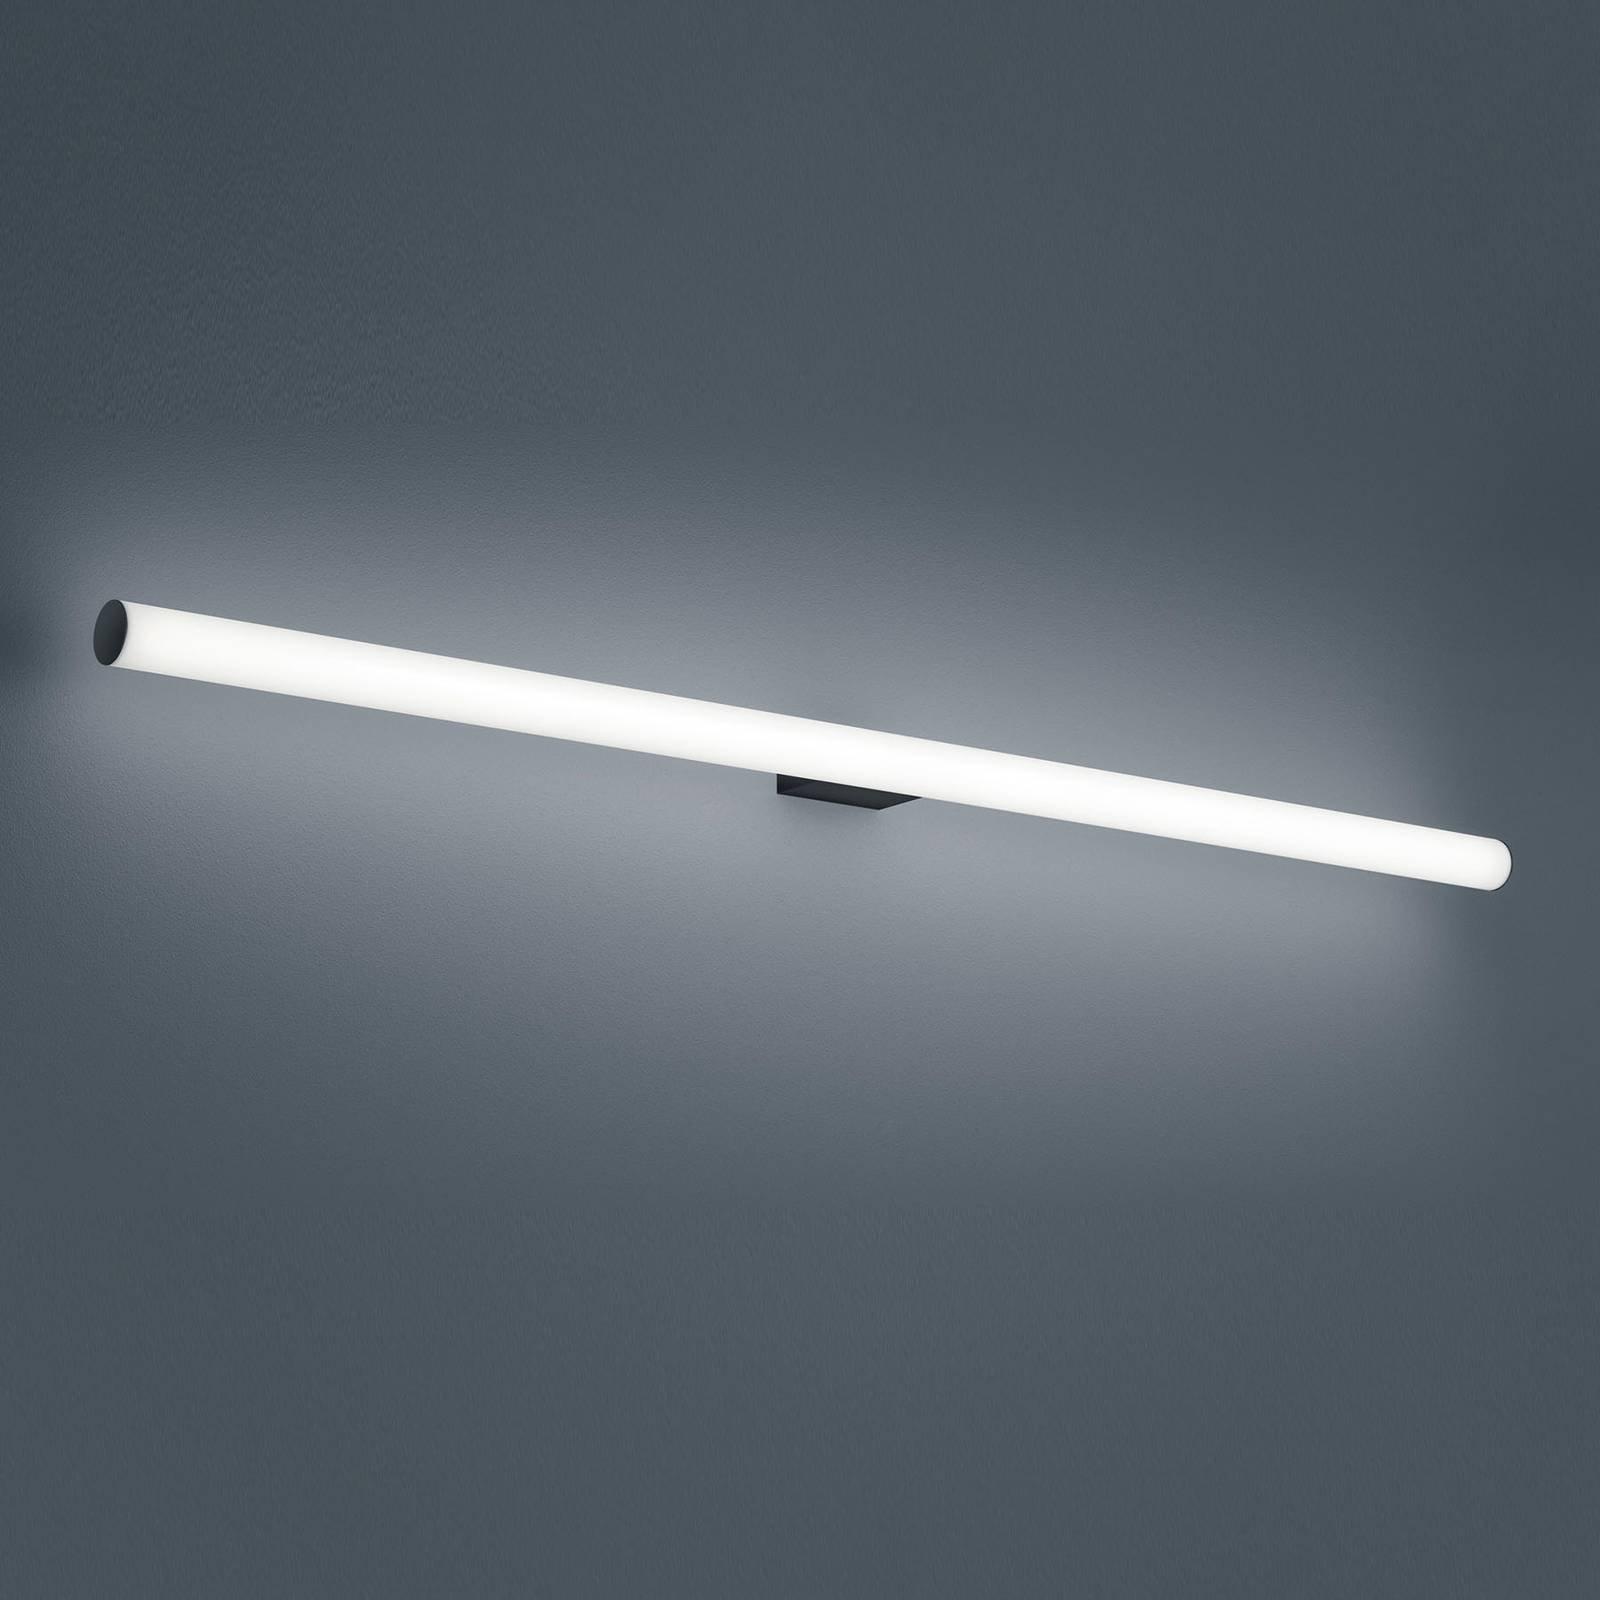 Helestra Loom LED-speillampe, svart, 120 cm